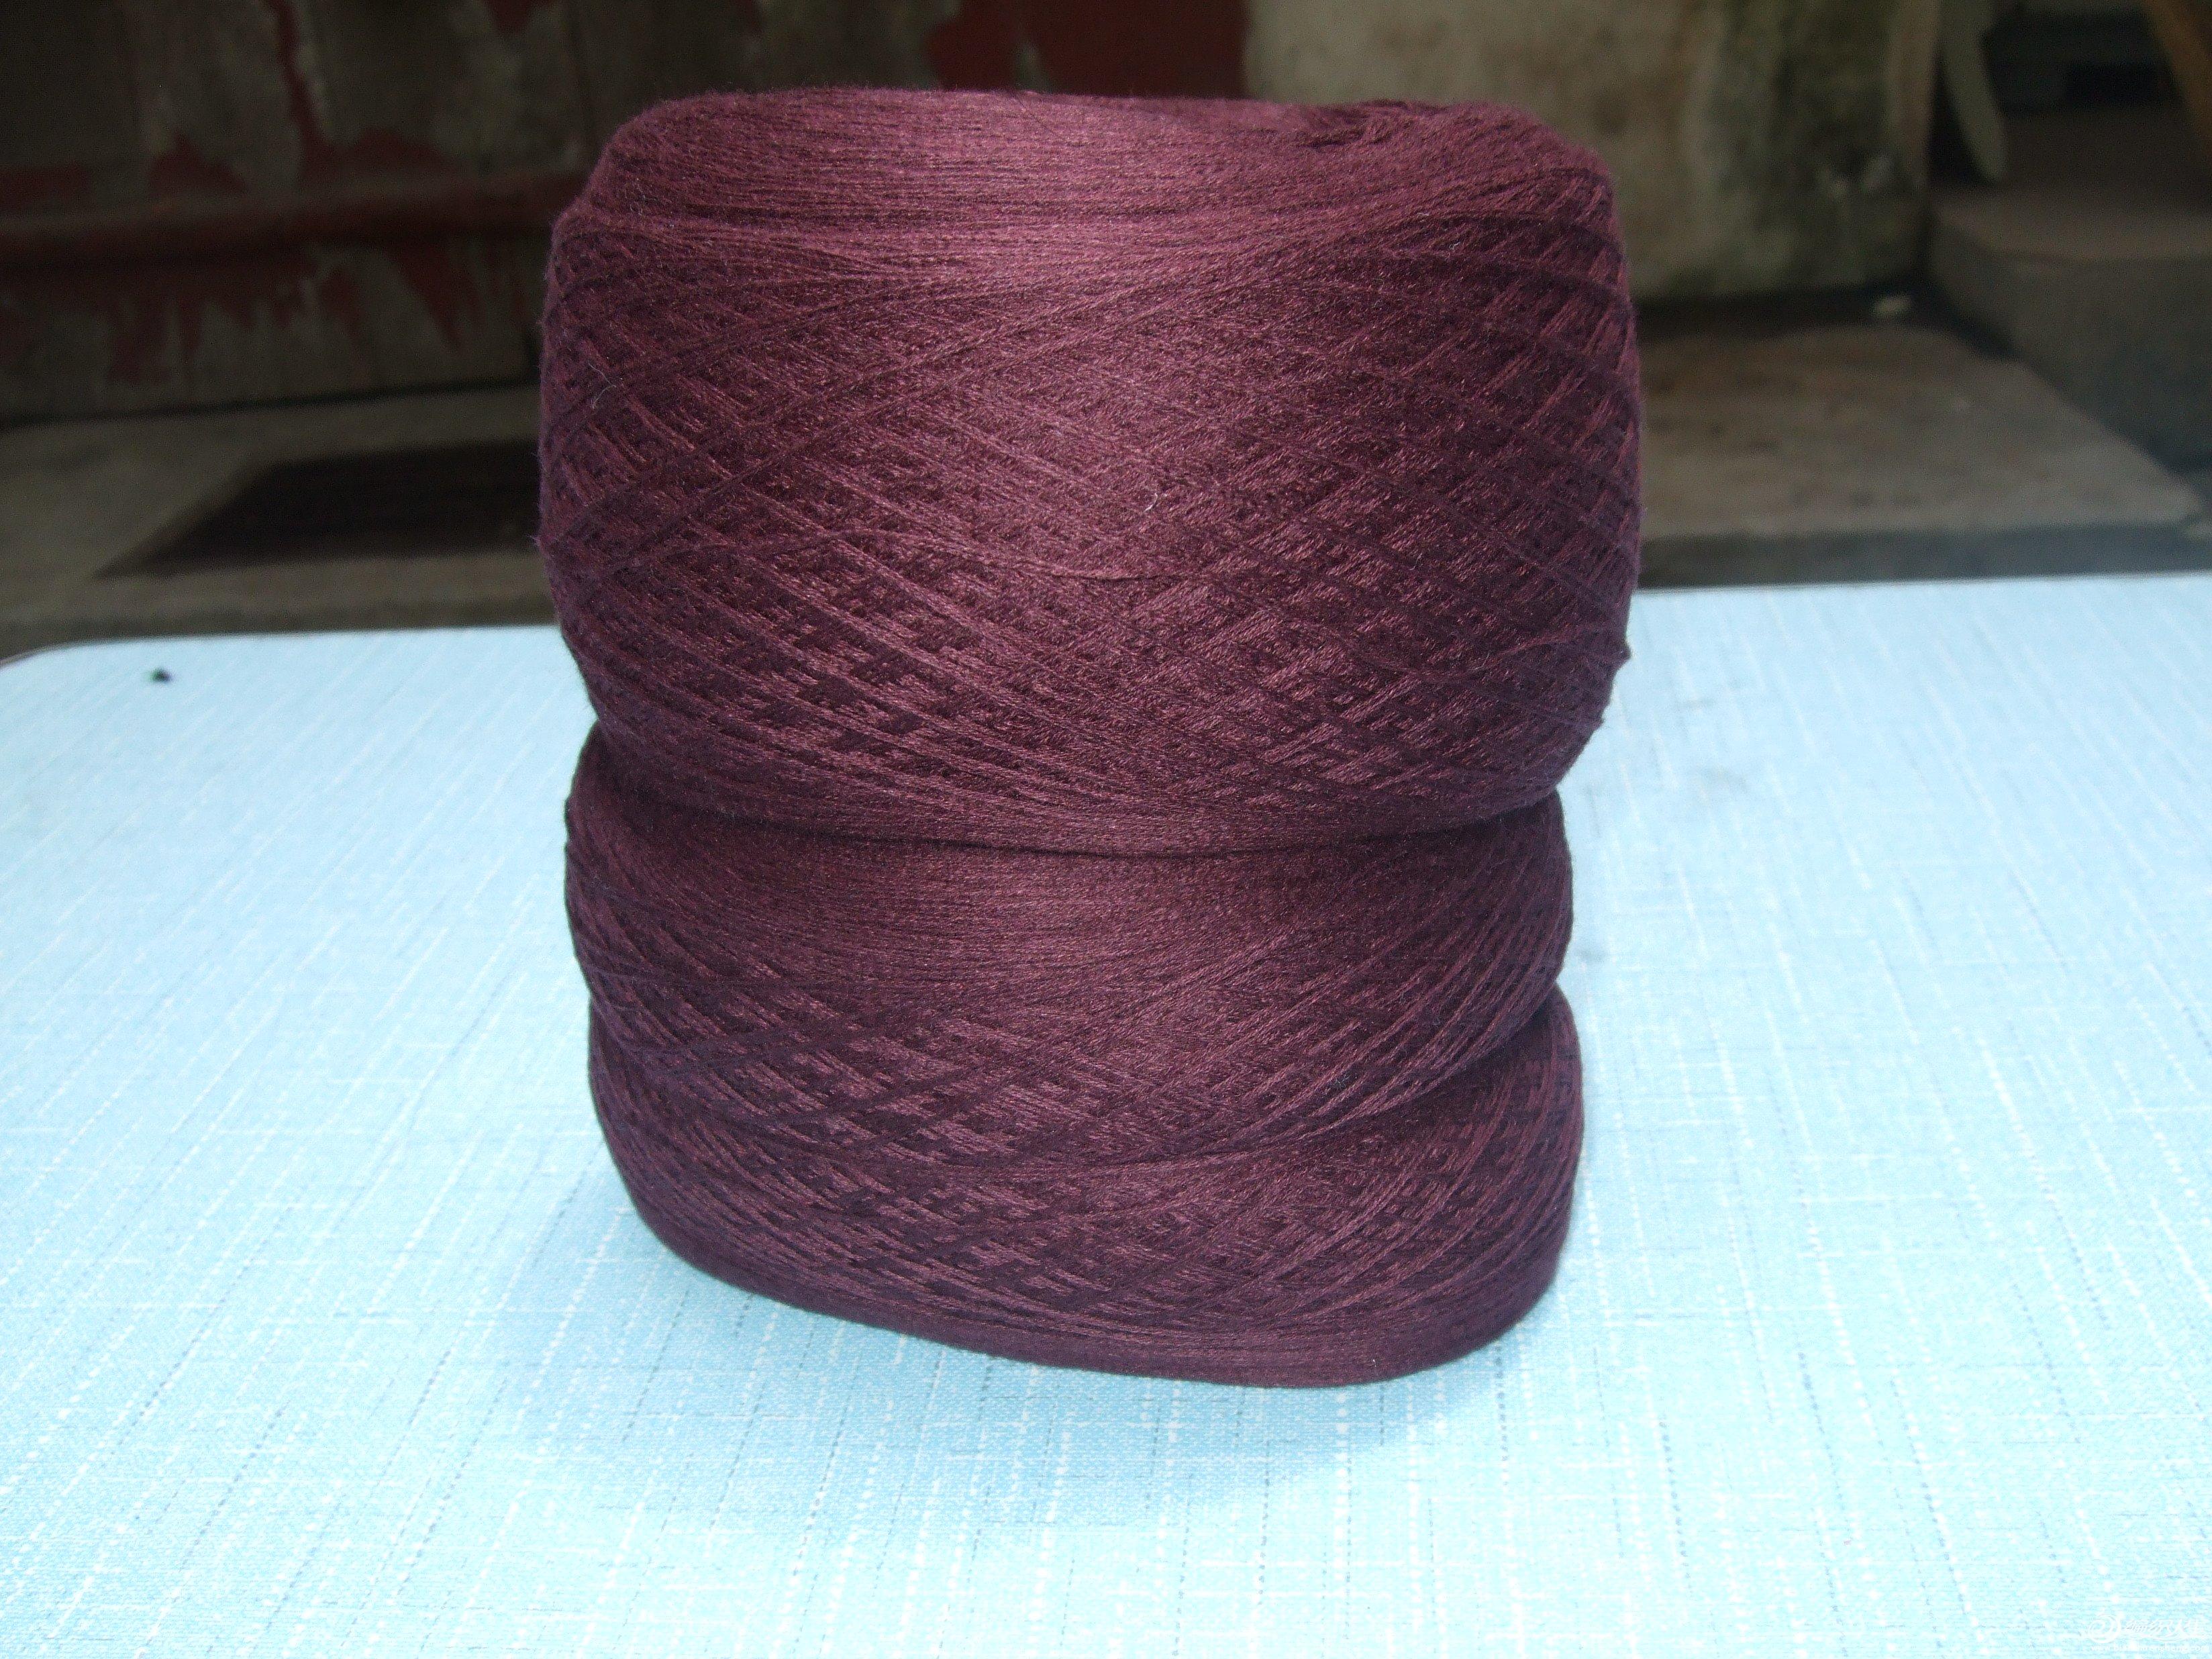 酒红色 毛线 一斤 20元